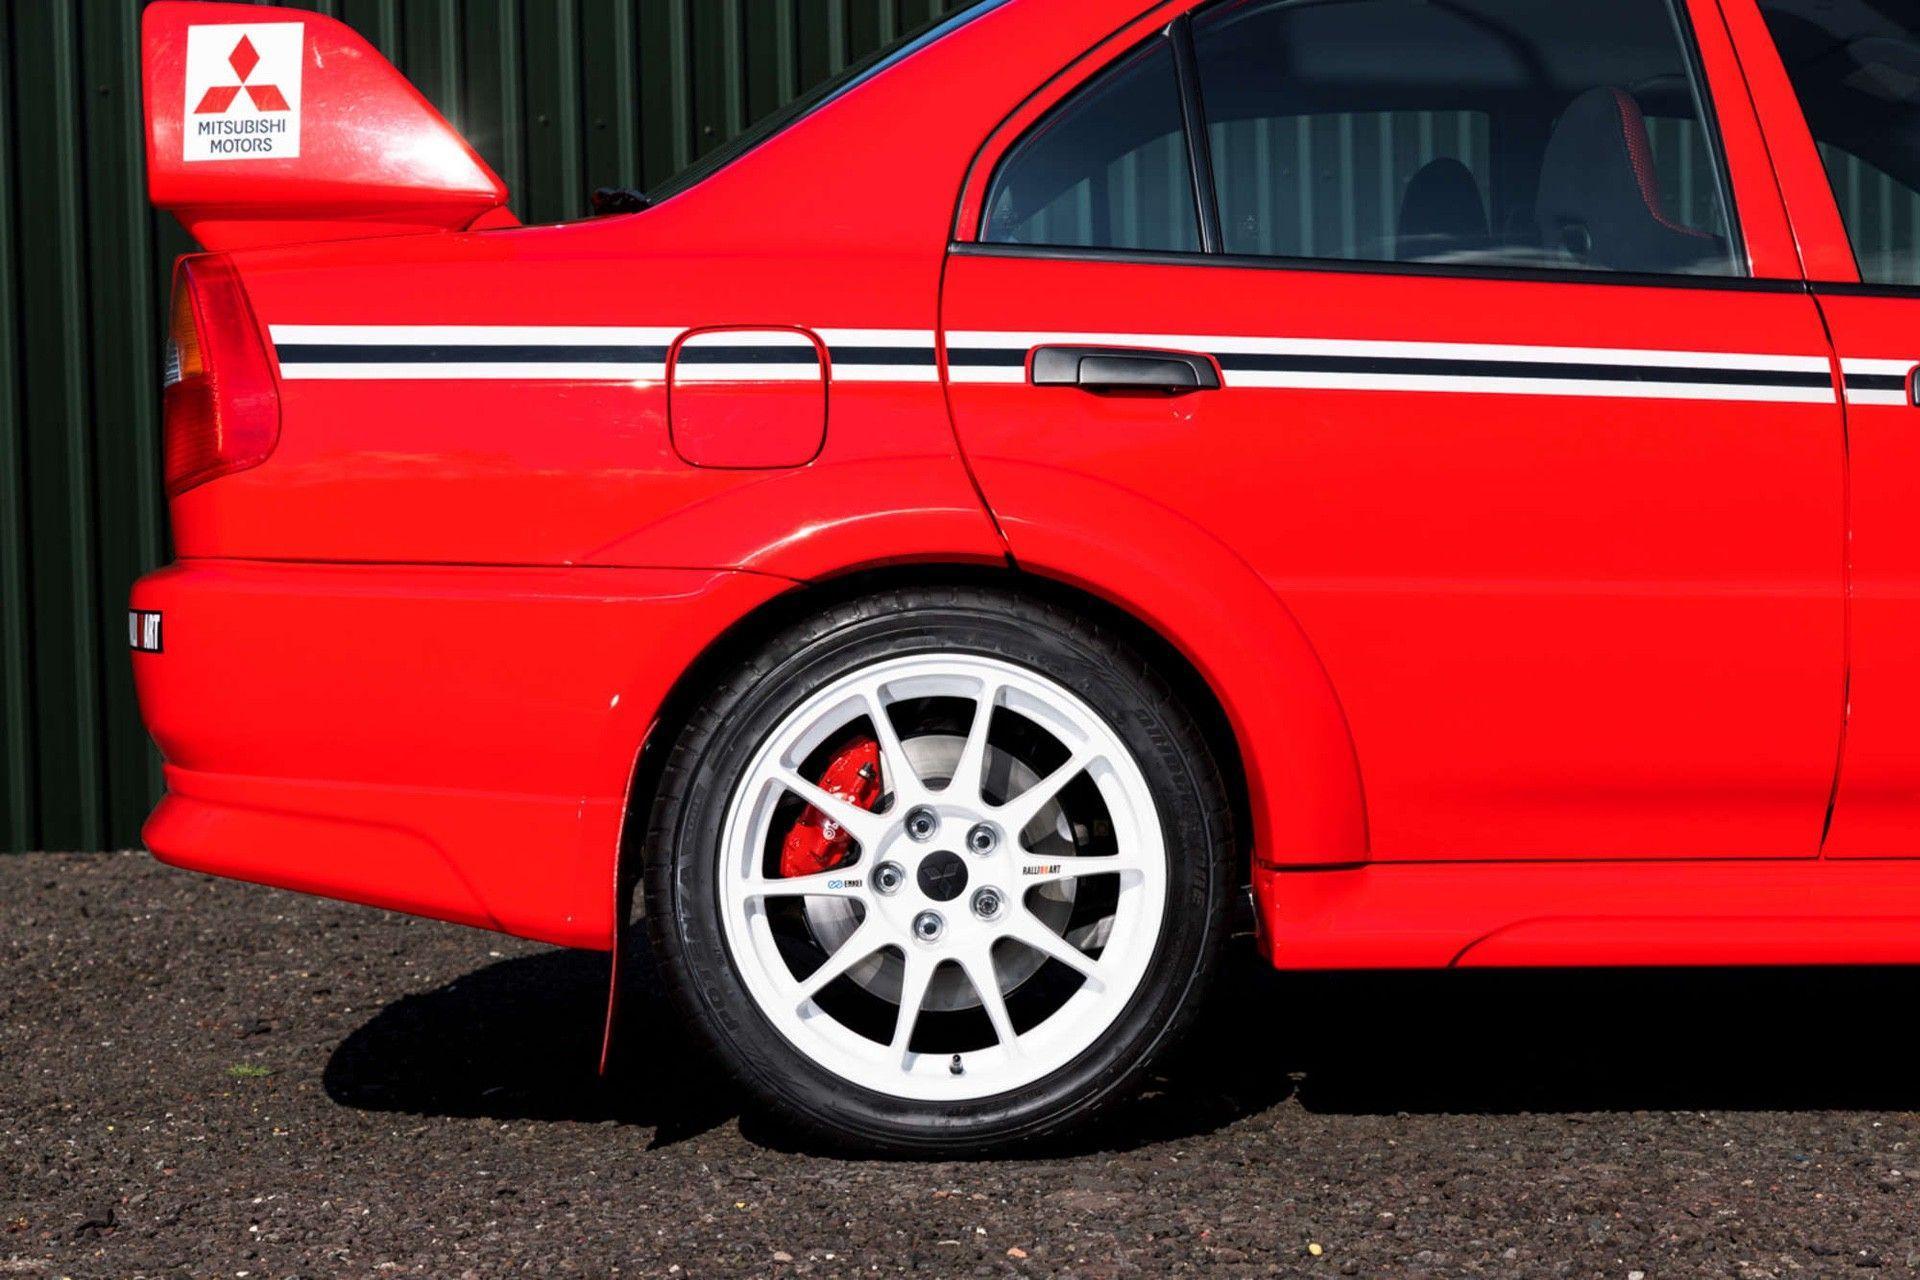 2000_Mitsubishi_Lancer_Evolution_VI_Tommi_Makinen_Edition_sale-0006